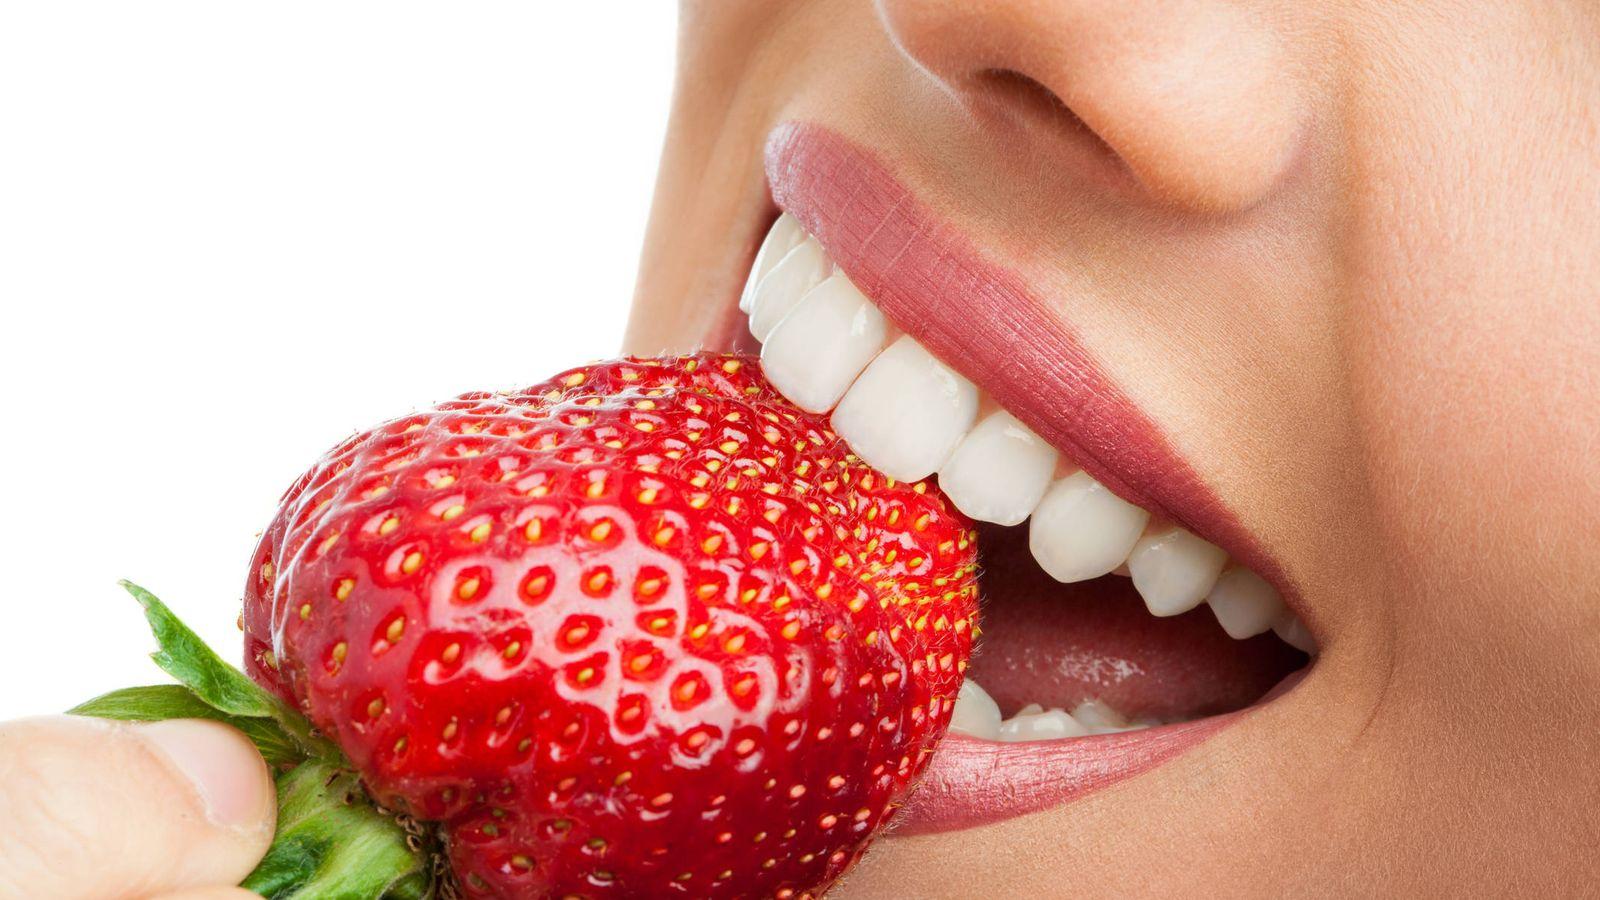 Foto: Alimentación y salud bucodental. (iStock)